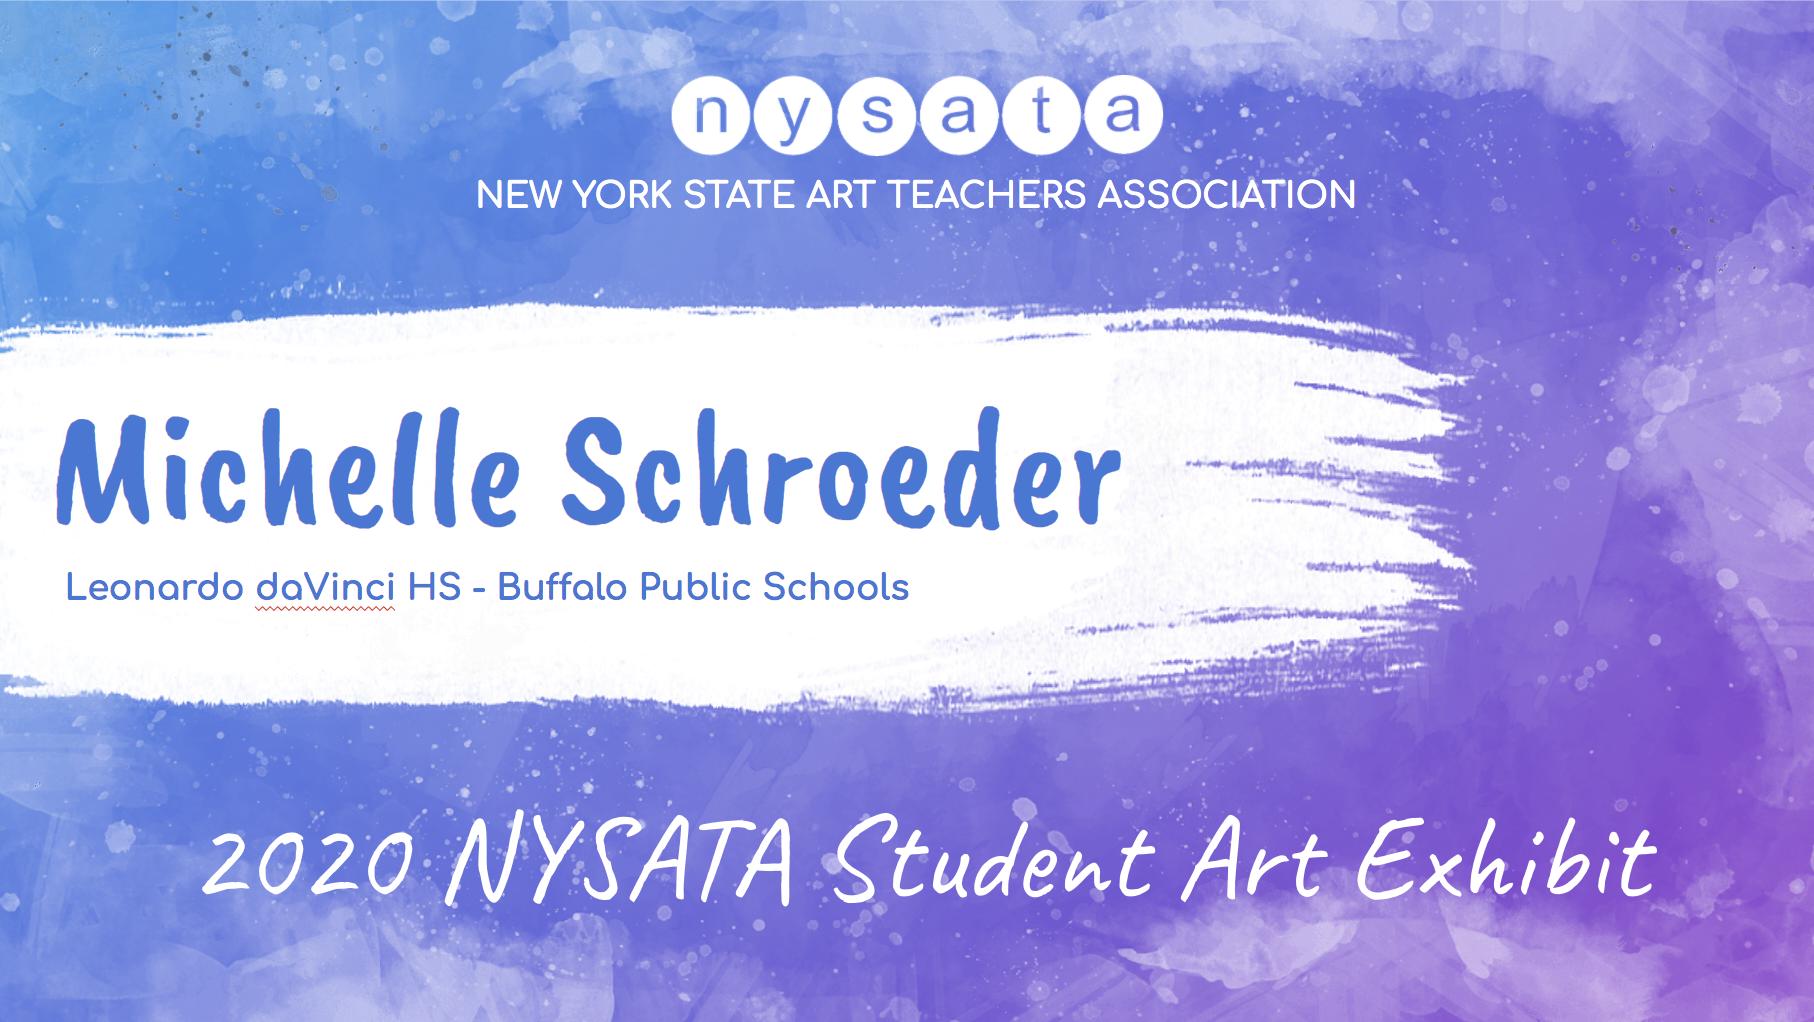 Michelle Schroeder Student Exhibit